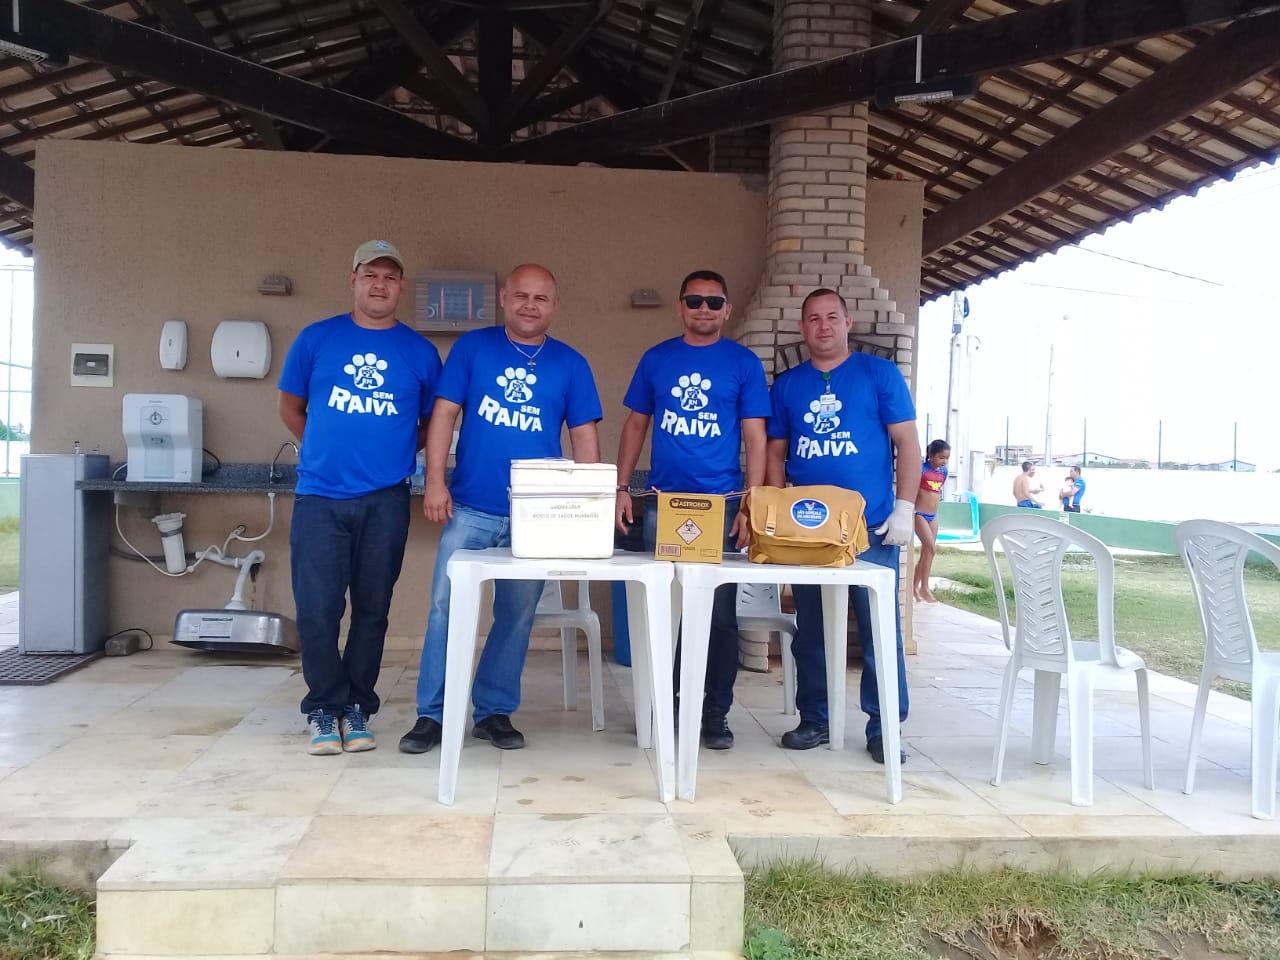 'Dia D' de vacinação contra raiva acontece neste sábado (29): confira os locais de vacinação em São Gonçalo